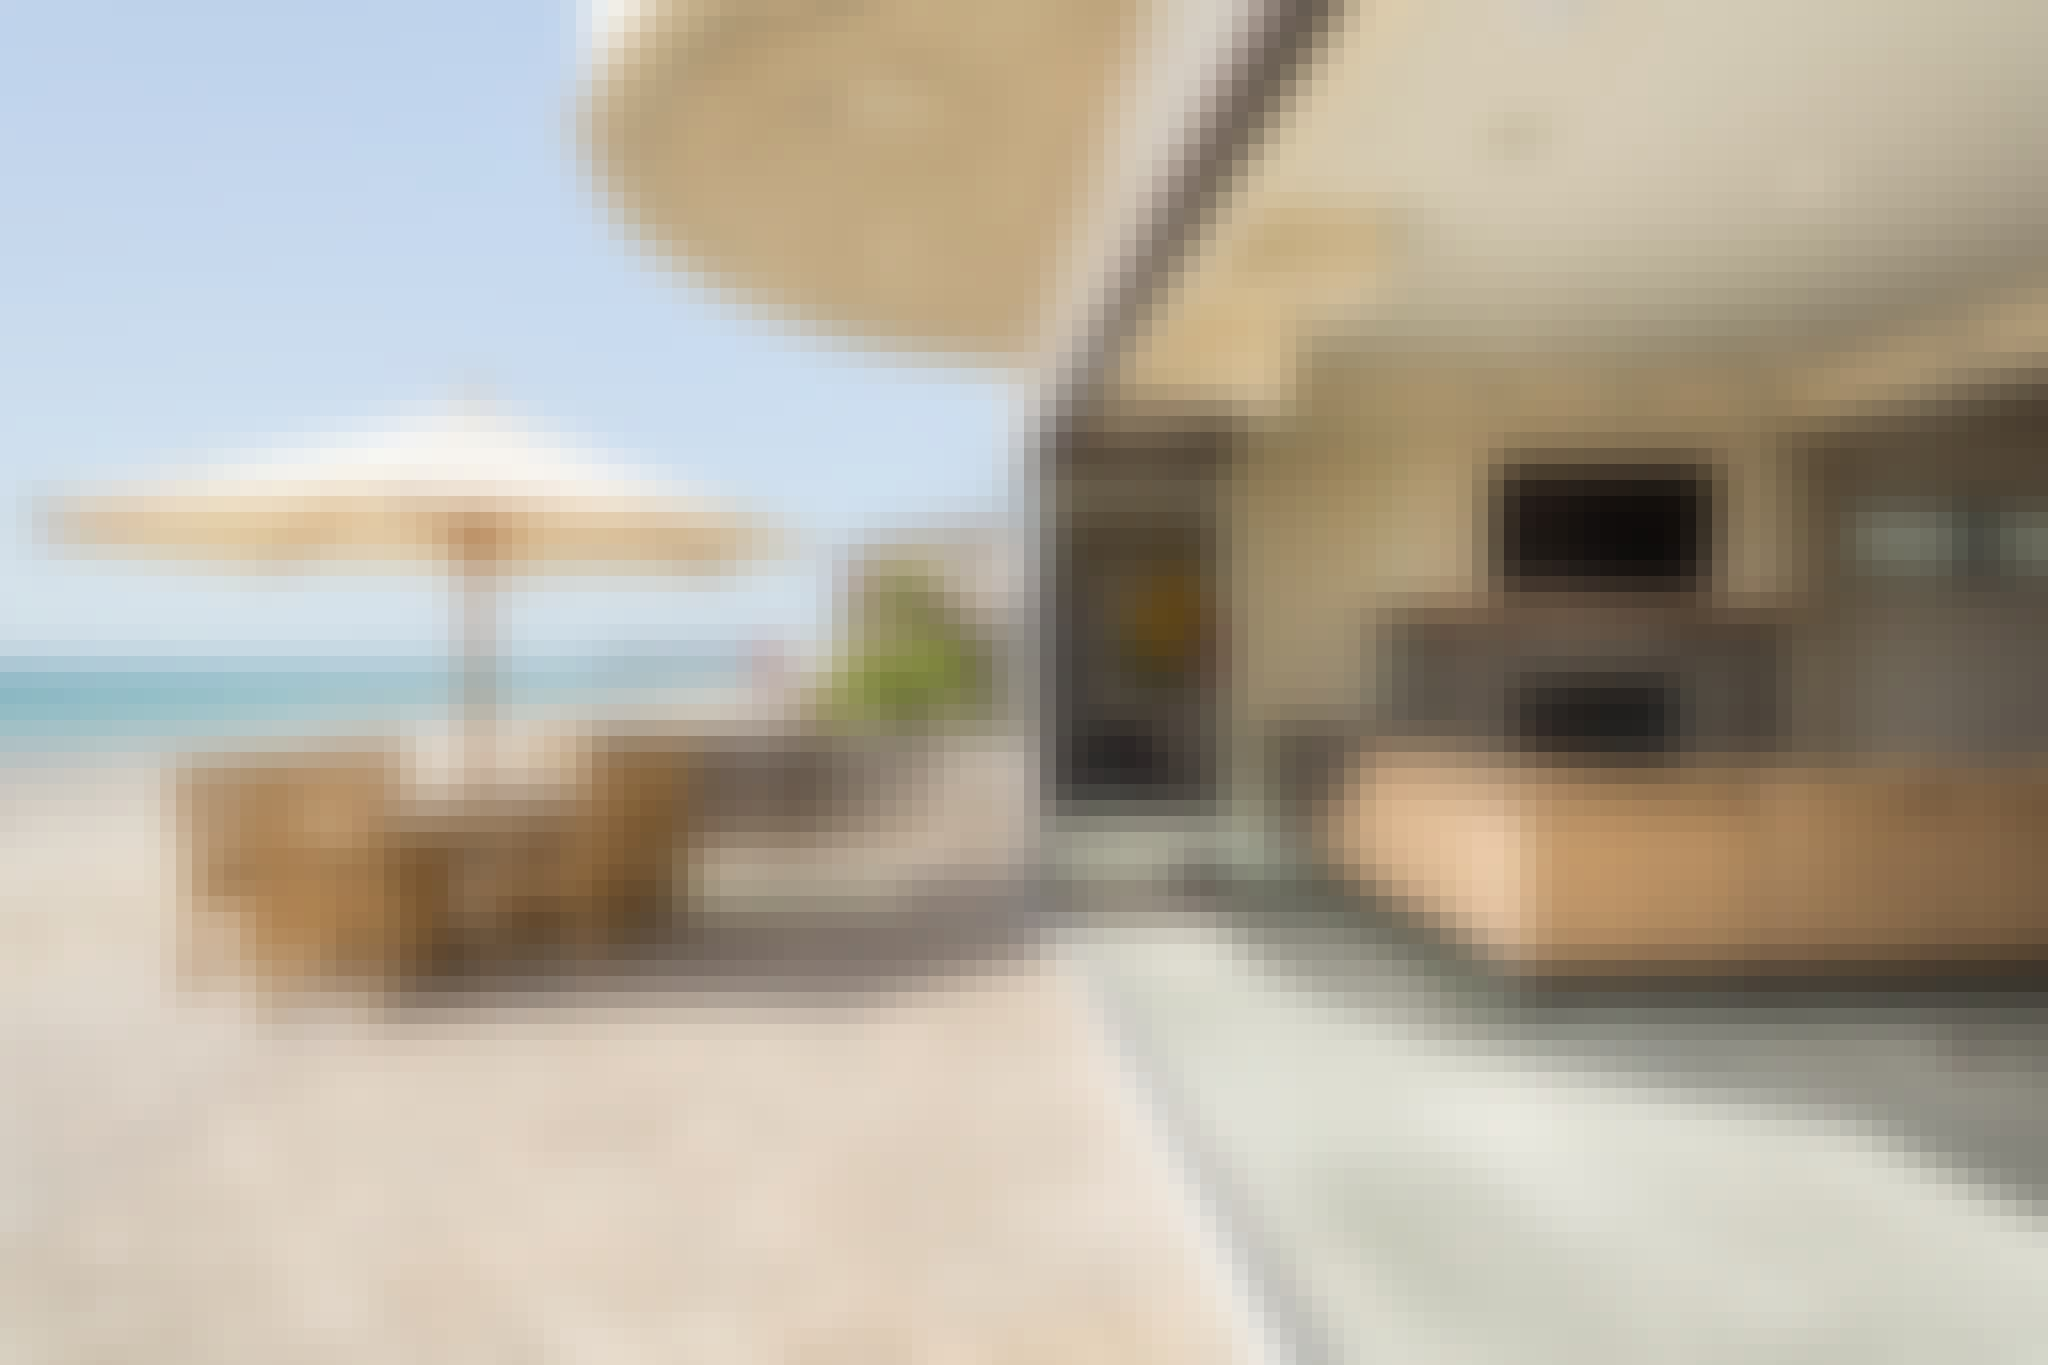 retracble glass walls for indoor outdoor upgrade